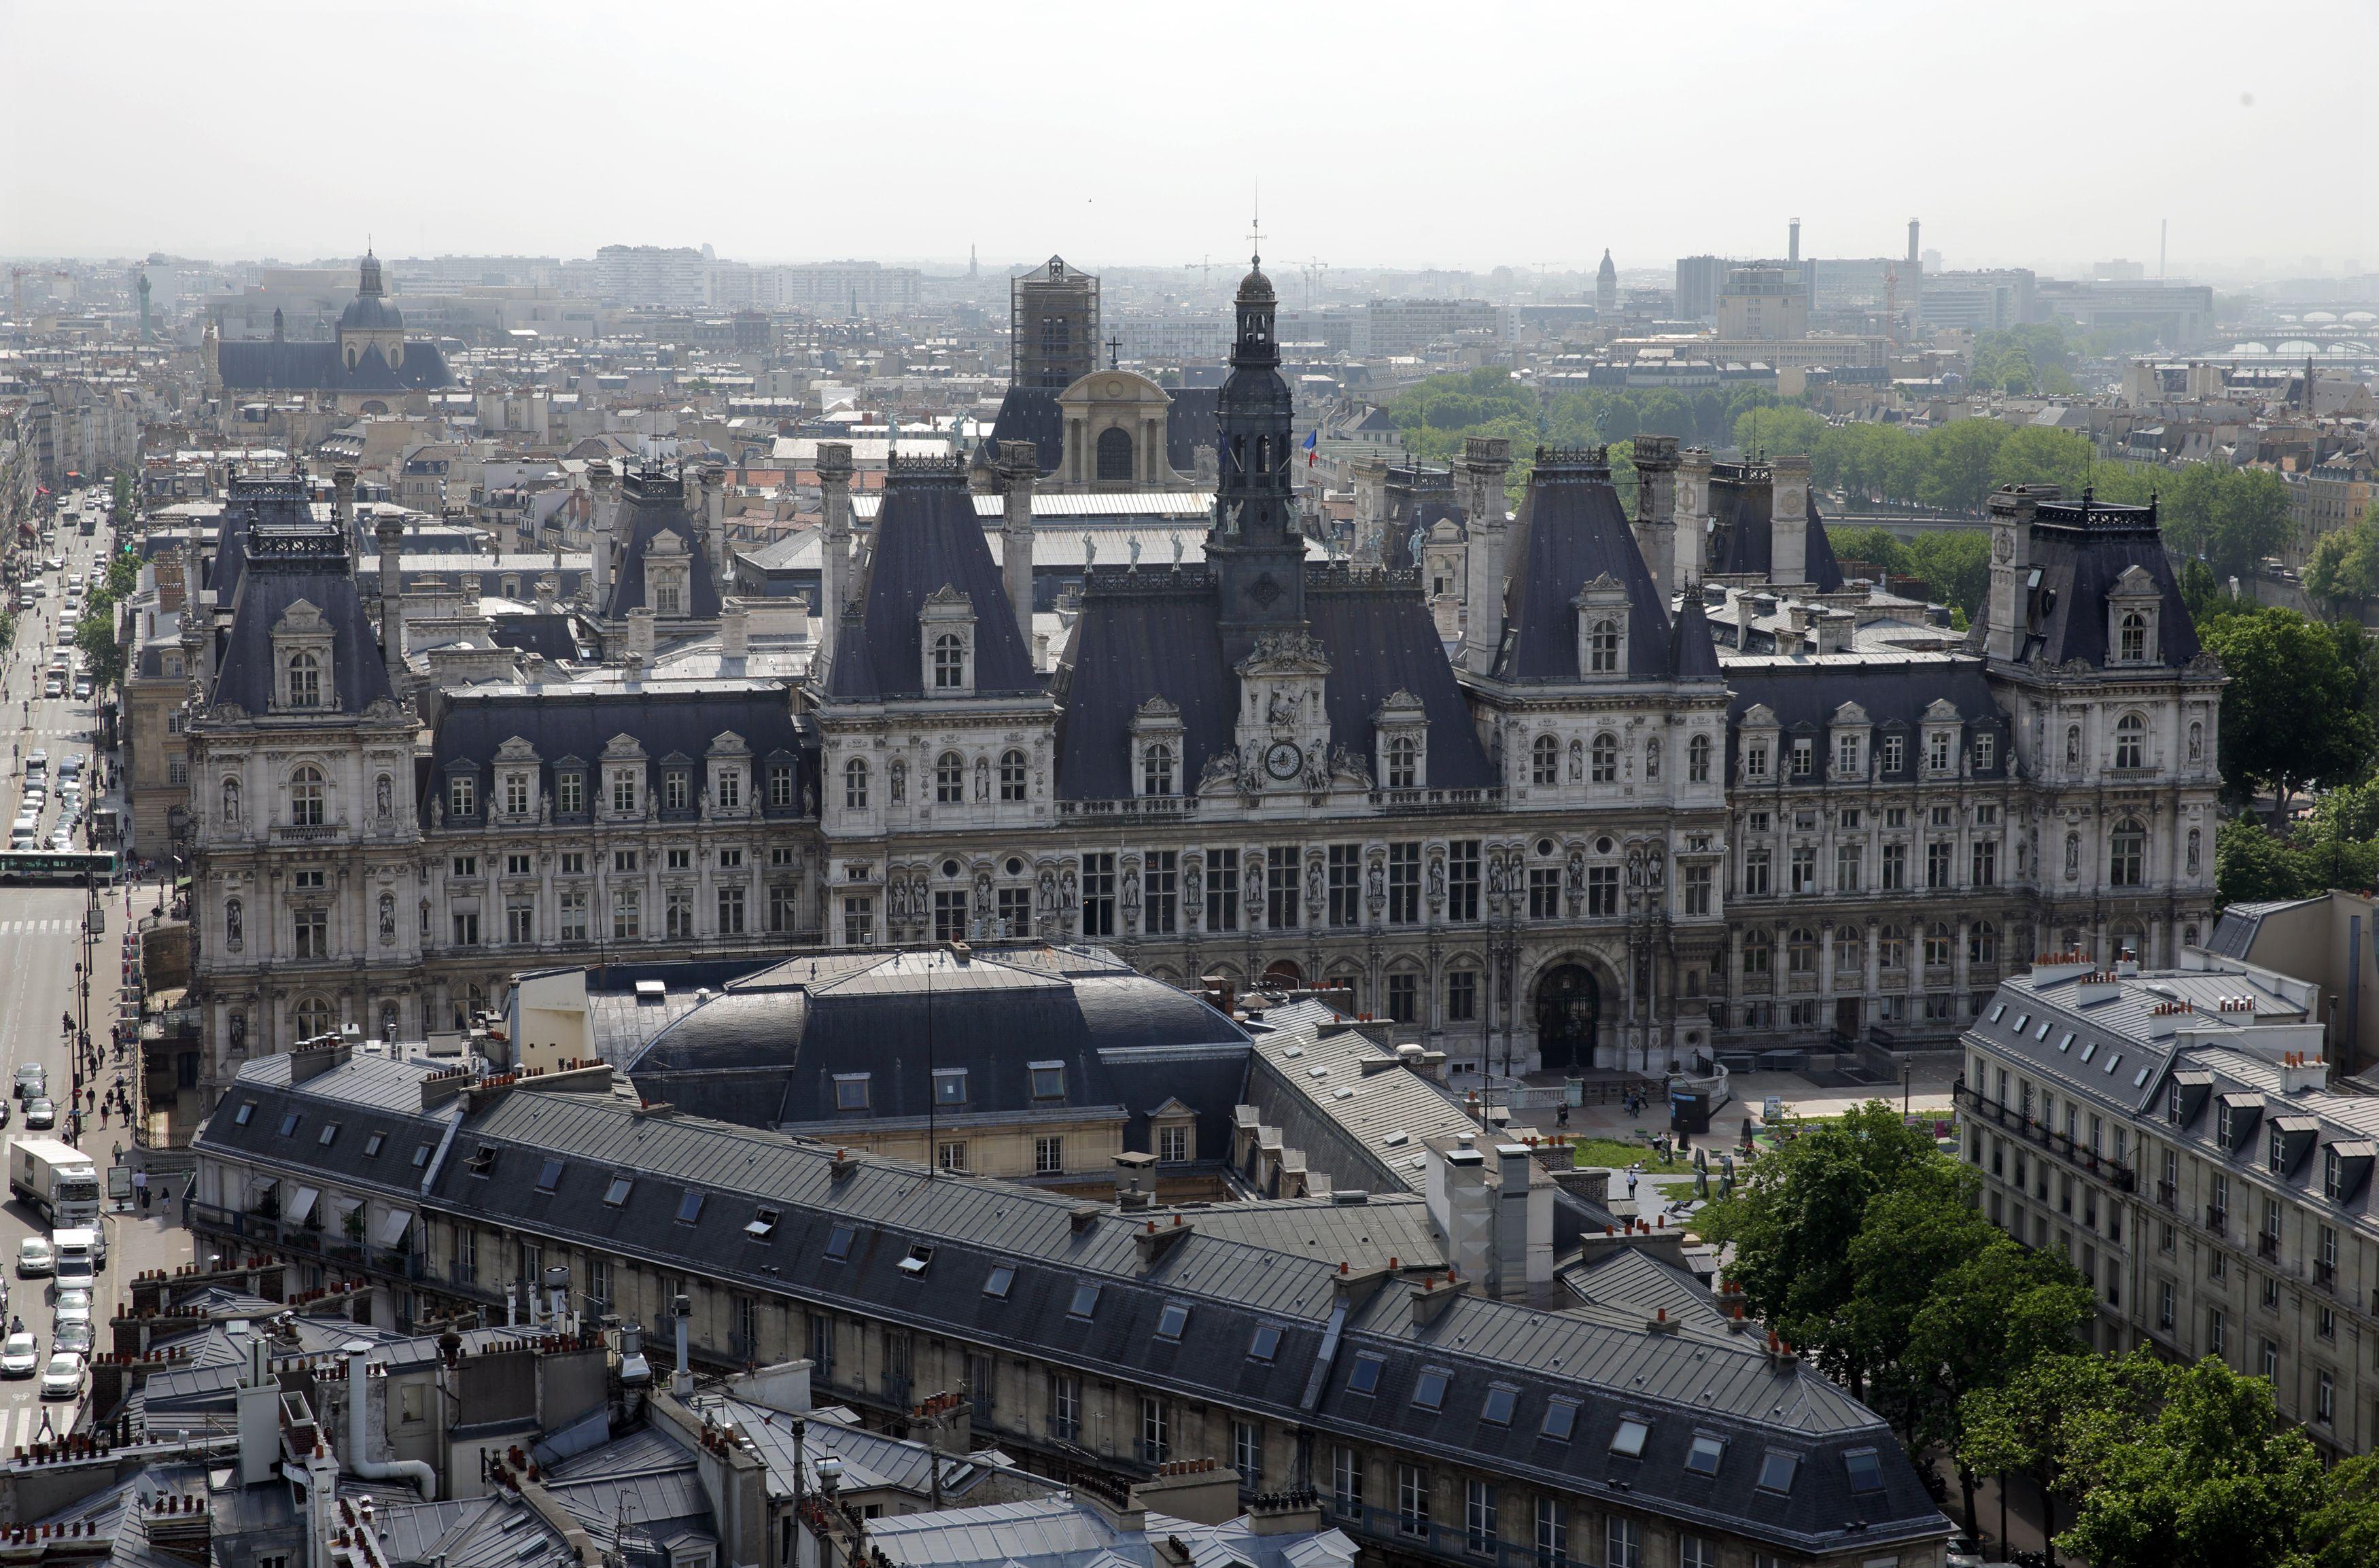 Electeurs urbains : pourquoi la France qui va bien est plus inquiète que ne le suggère le tableau des métropoles gagnantes de la mondialisation